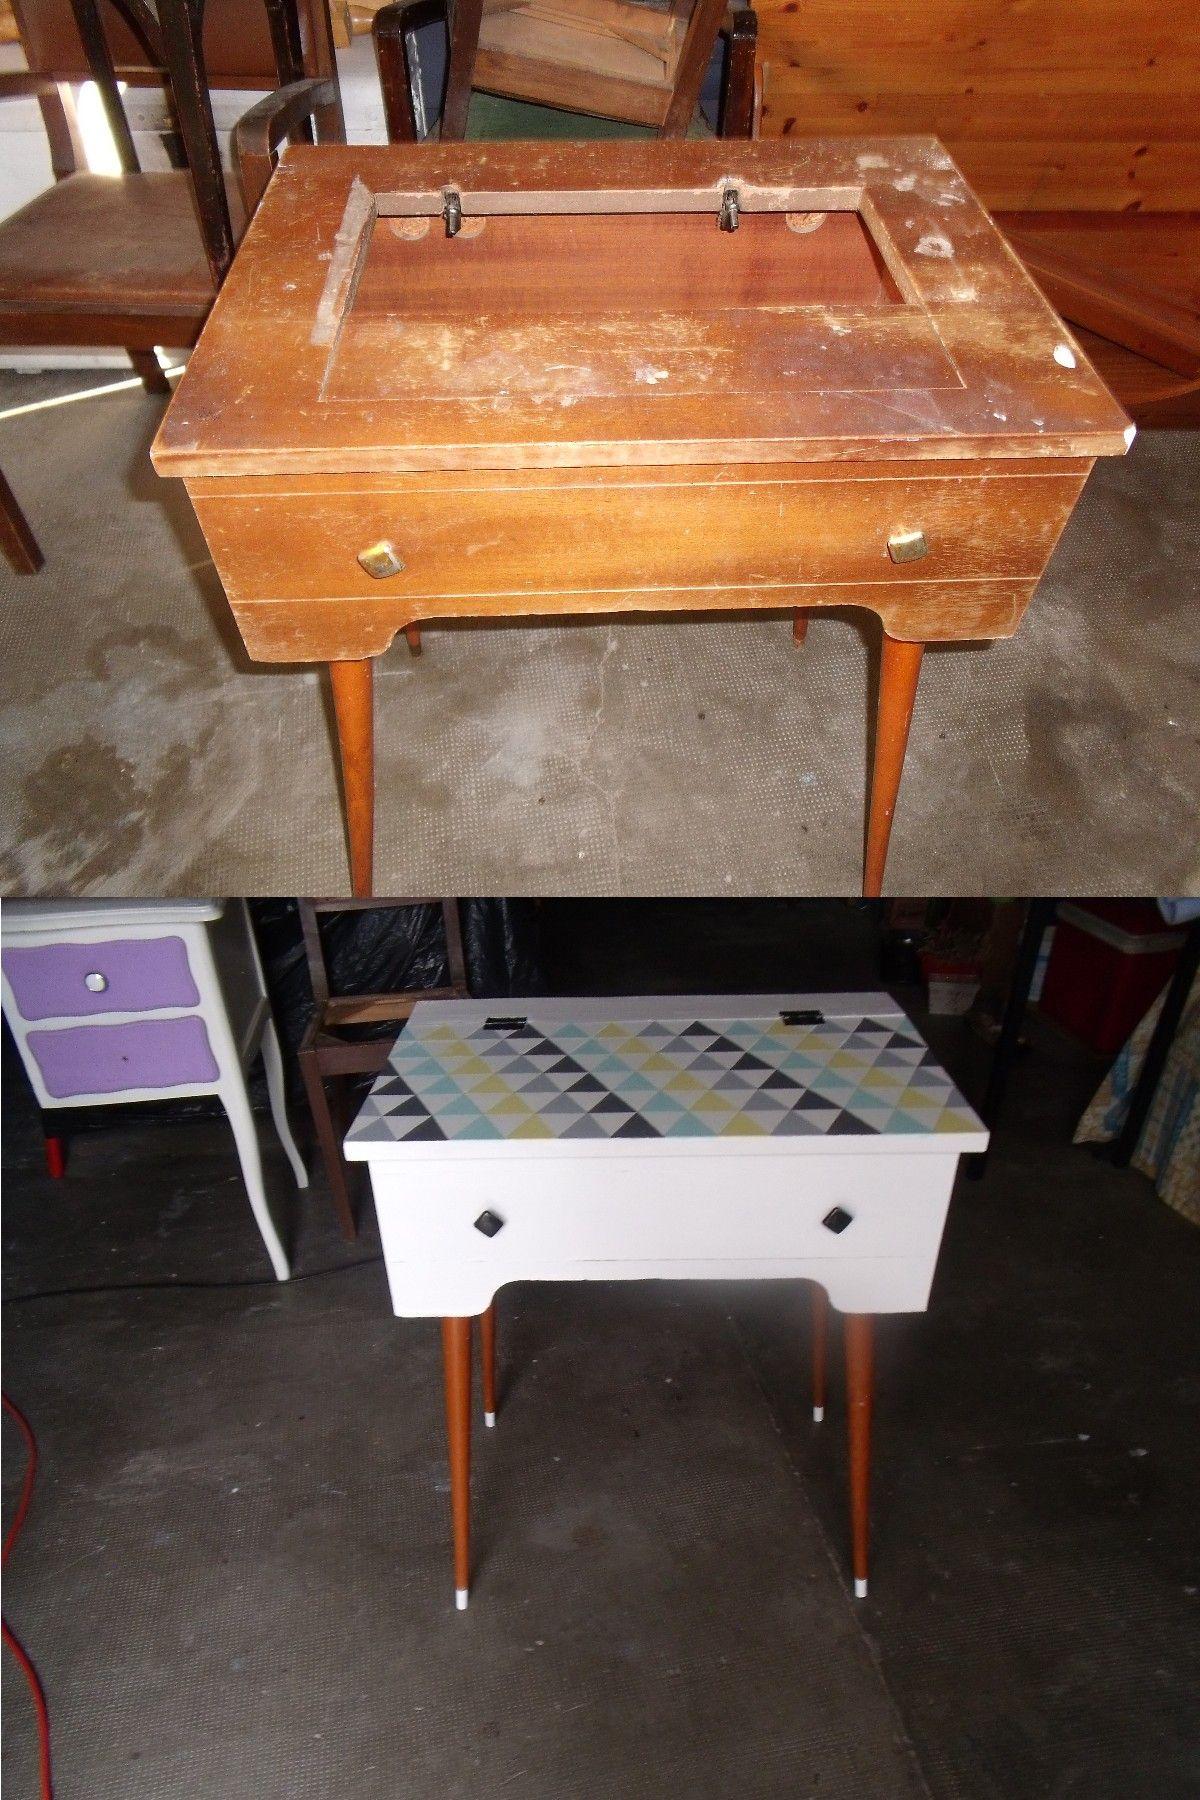 09d80d0e7bf3c161b44d9aa64813147e Impressionnant De Table Basse Coffre Schème